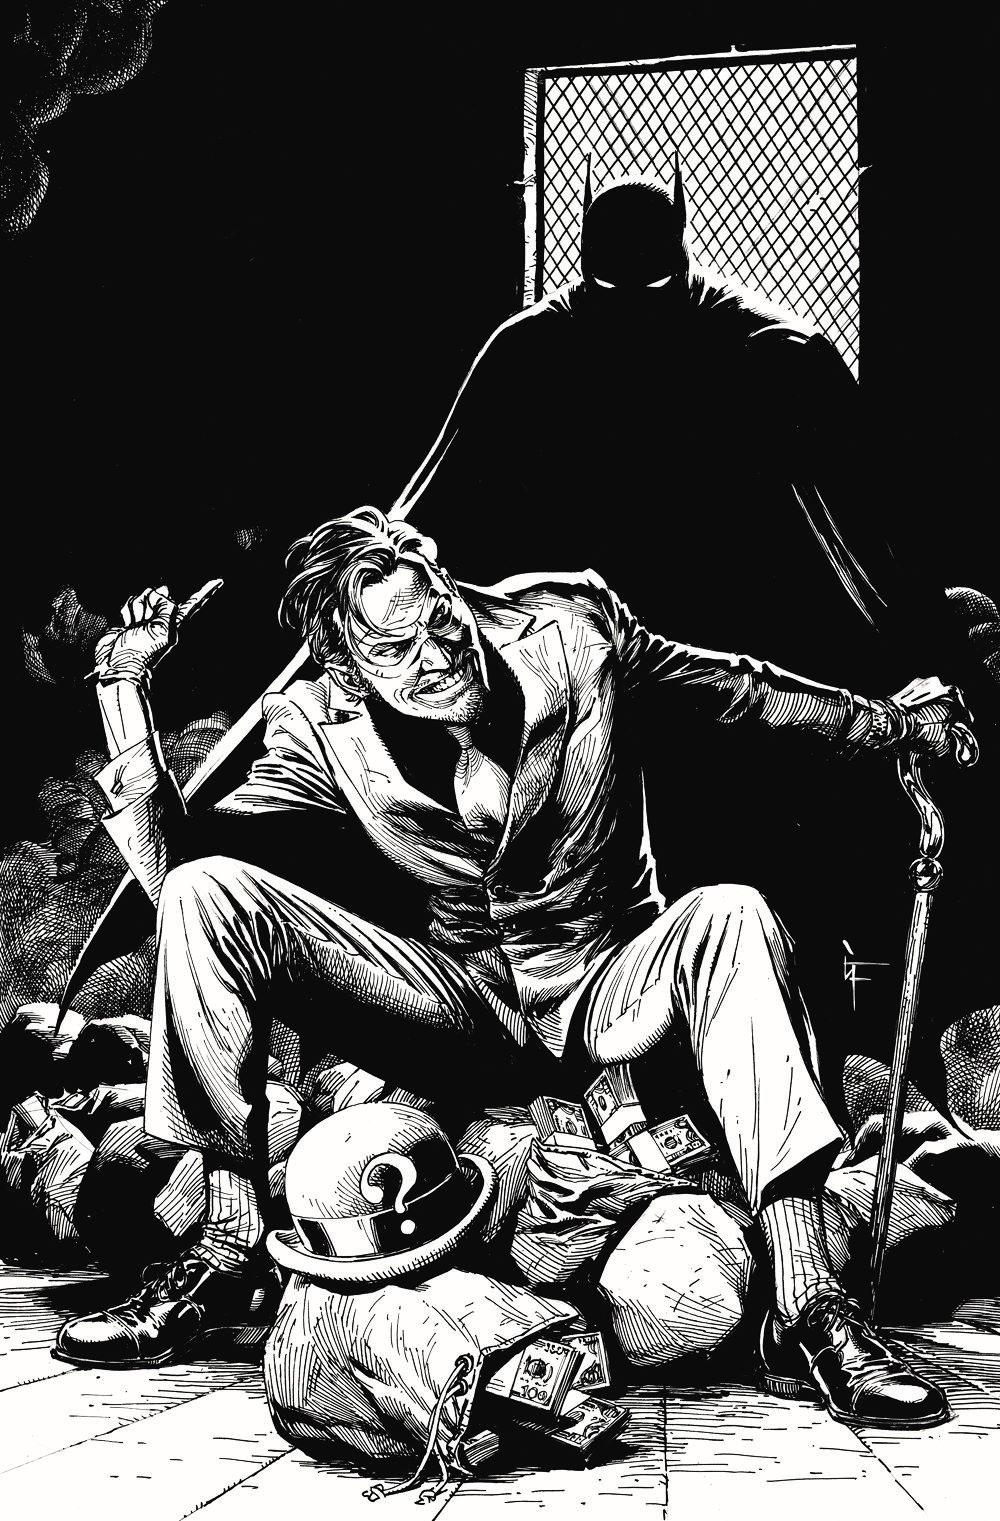 BM_BW_5_Variant_Riddler_Frank DC Comics April 2021 Solicitations